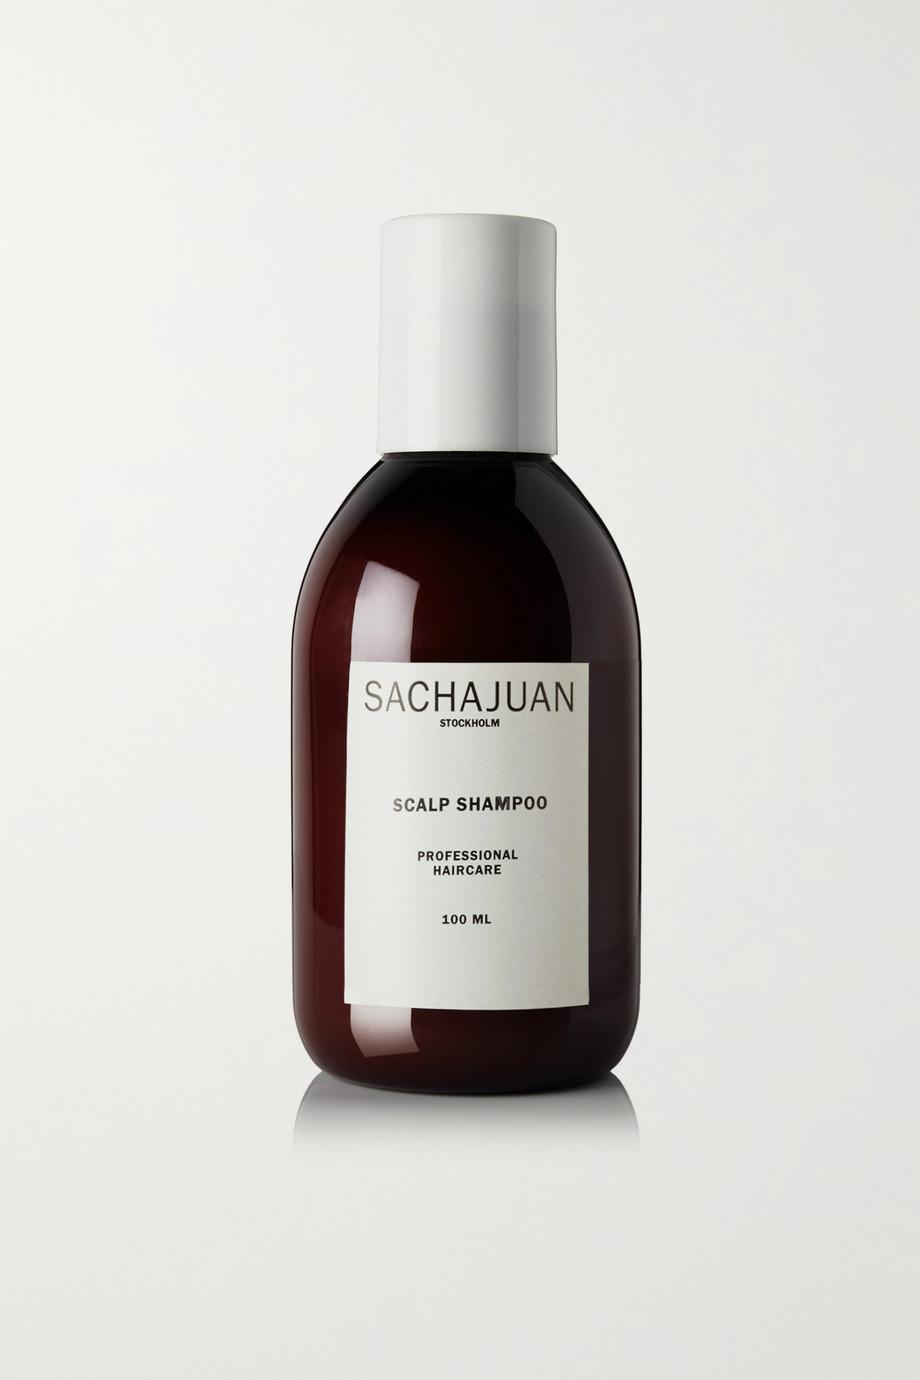 SACHAJUAN Scalp Shampoo, 100 ml – Shampoo